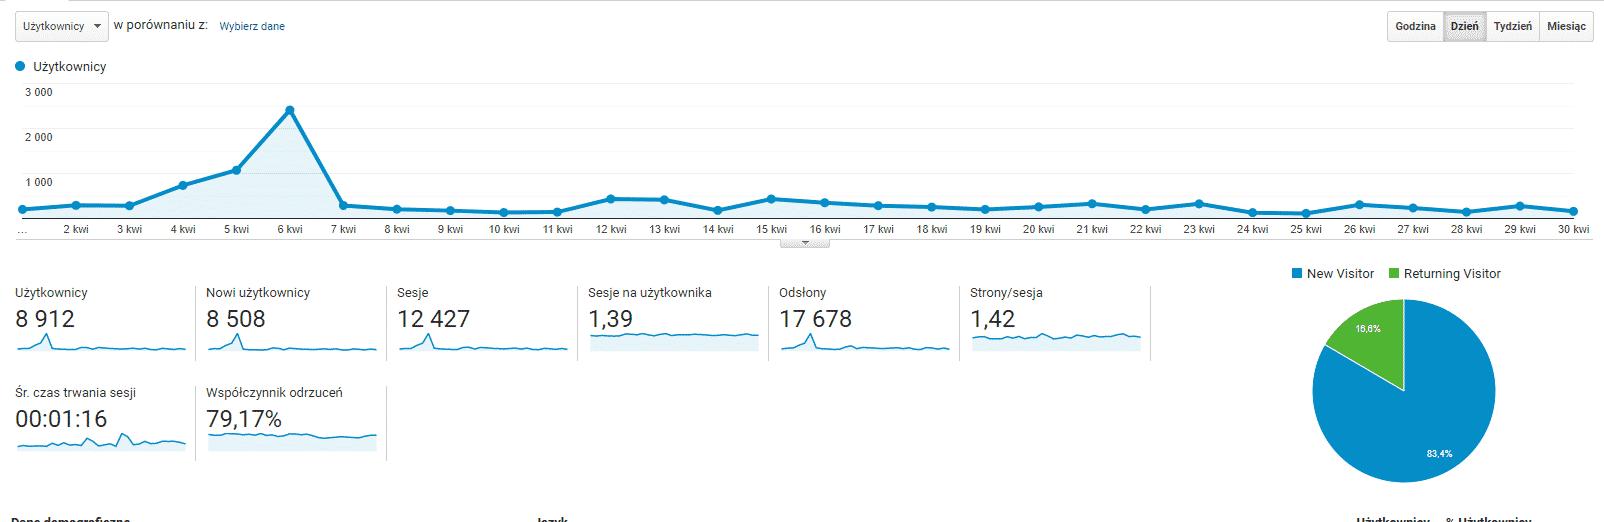 Statystyki bloga - kwiecień 2020.